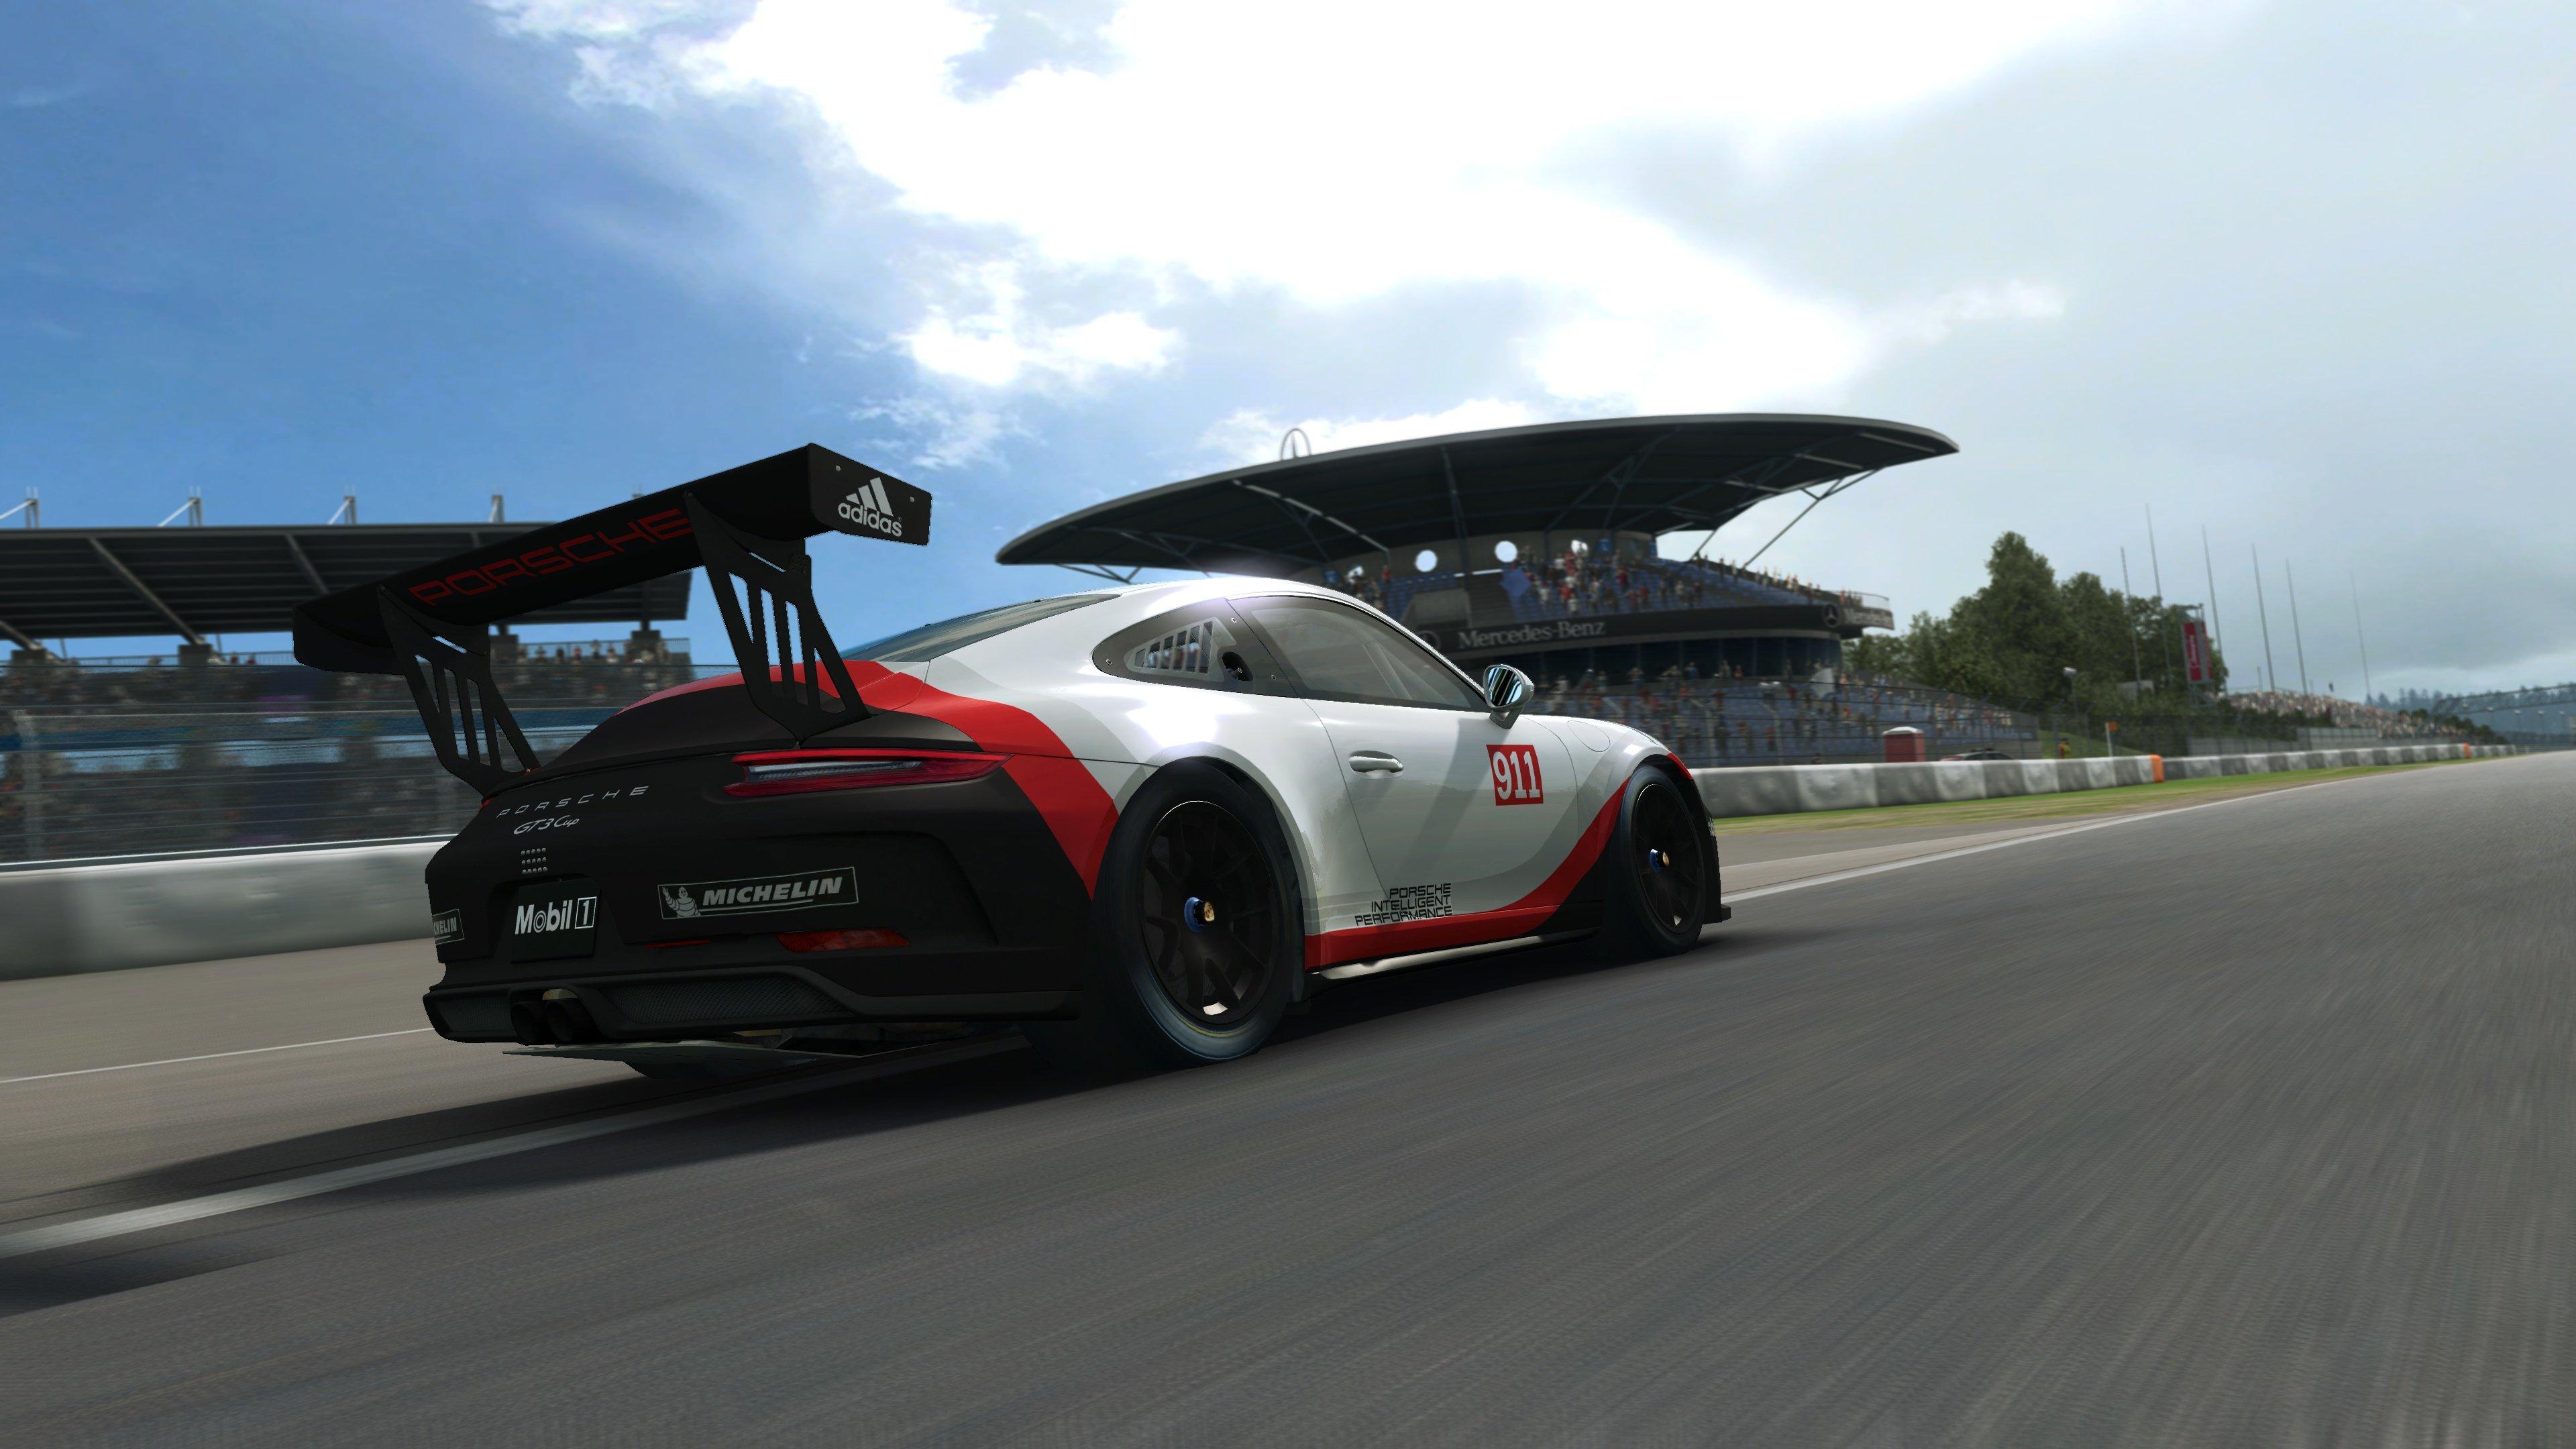 RaceRoom 991.2 Porsche 911 GT3 Cup 22